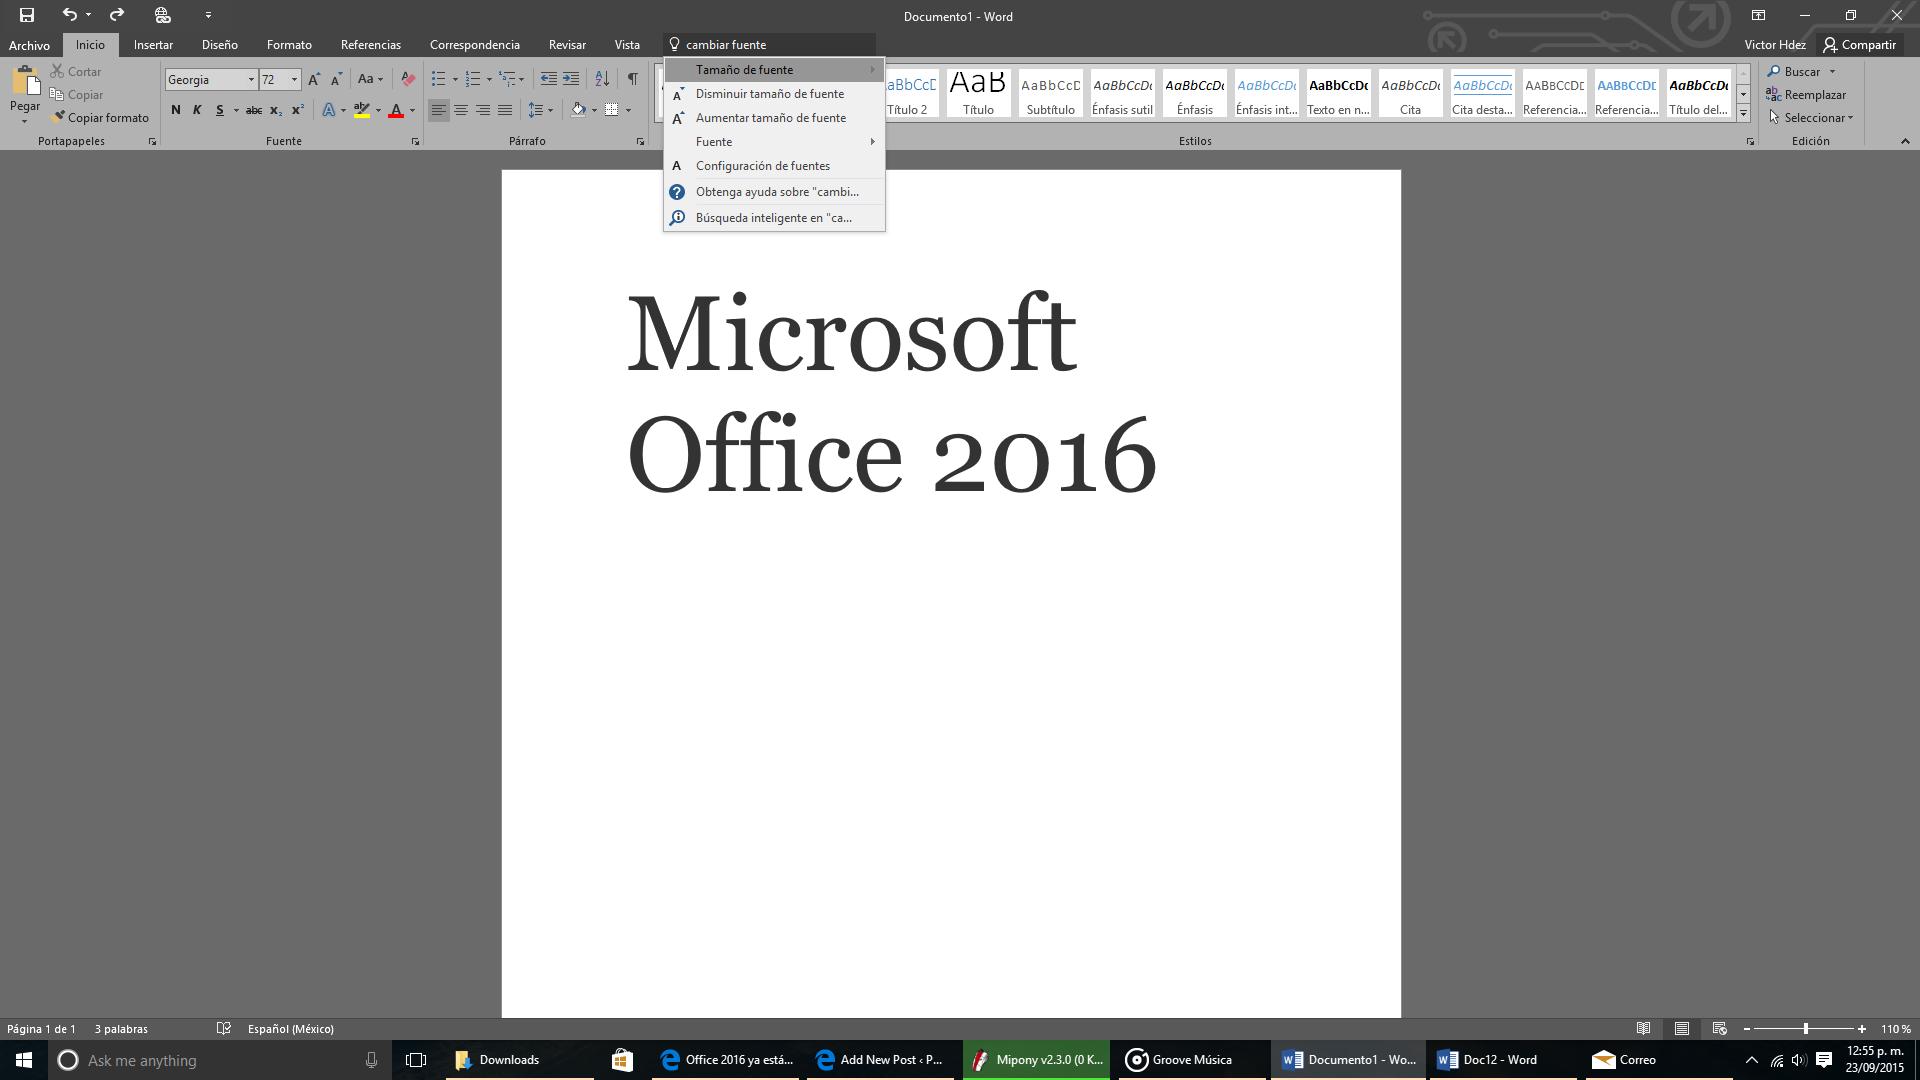 Tell ME, un asistente como Clippy para Office 2016